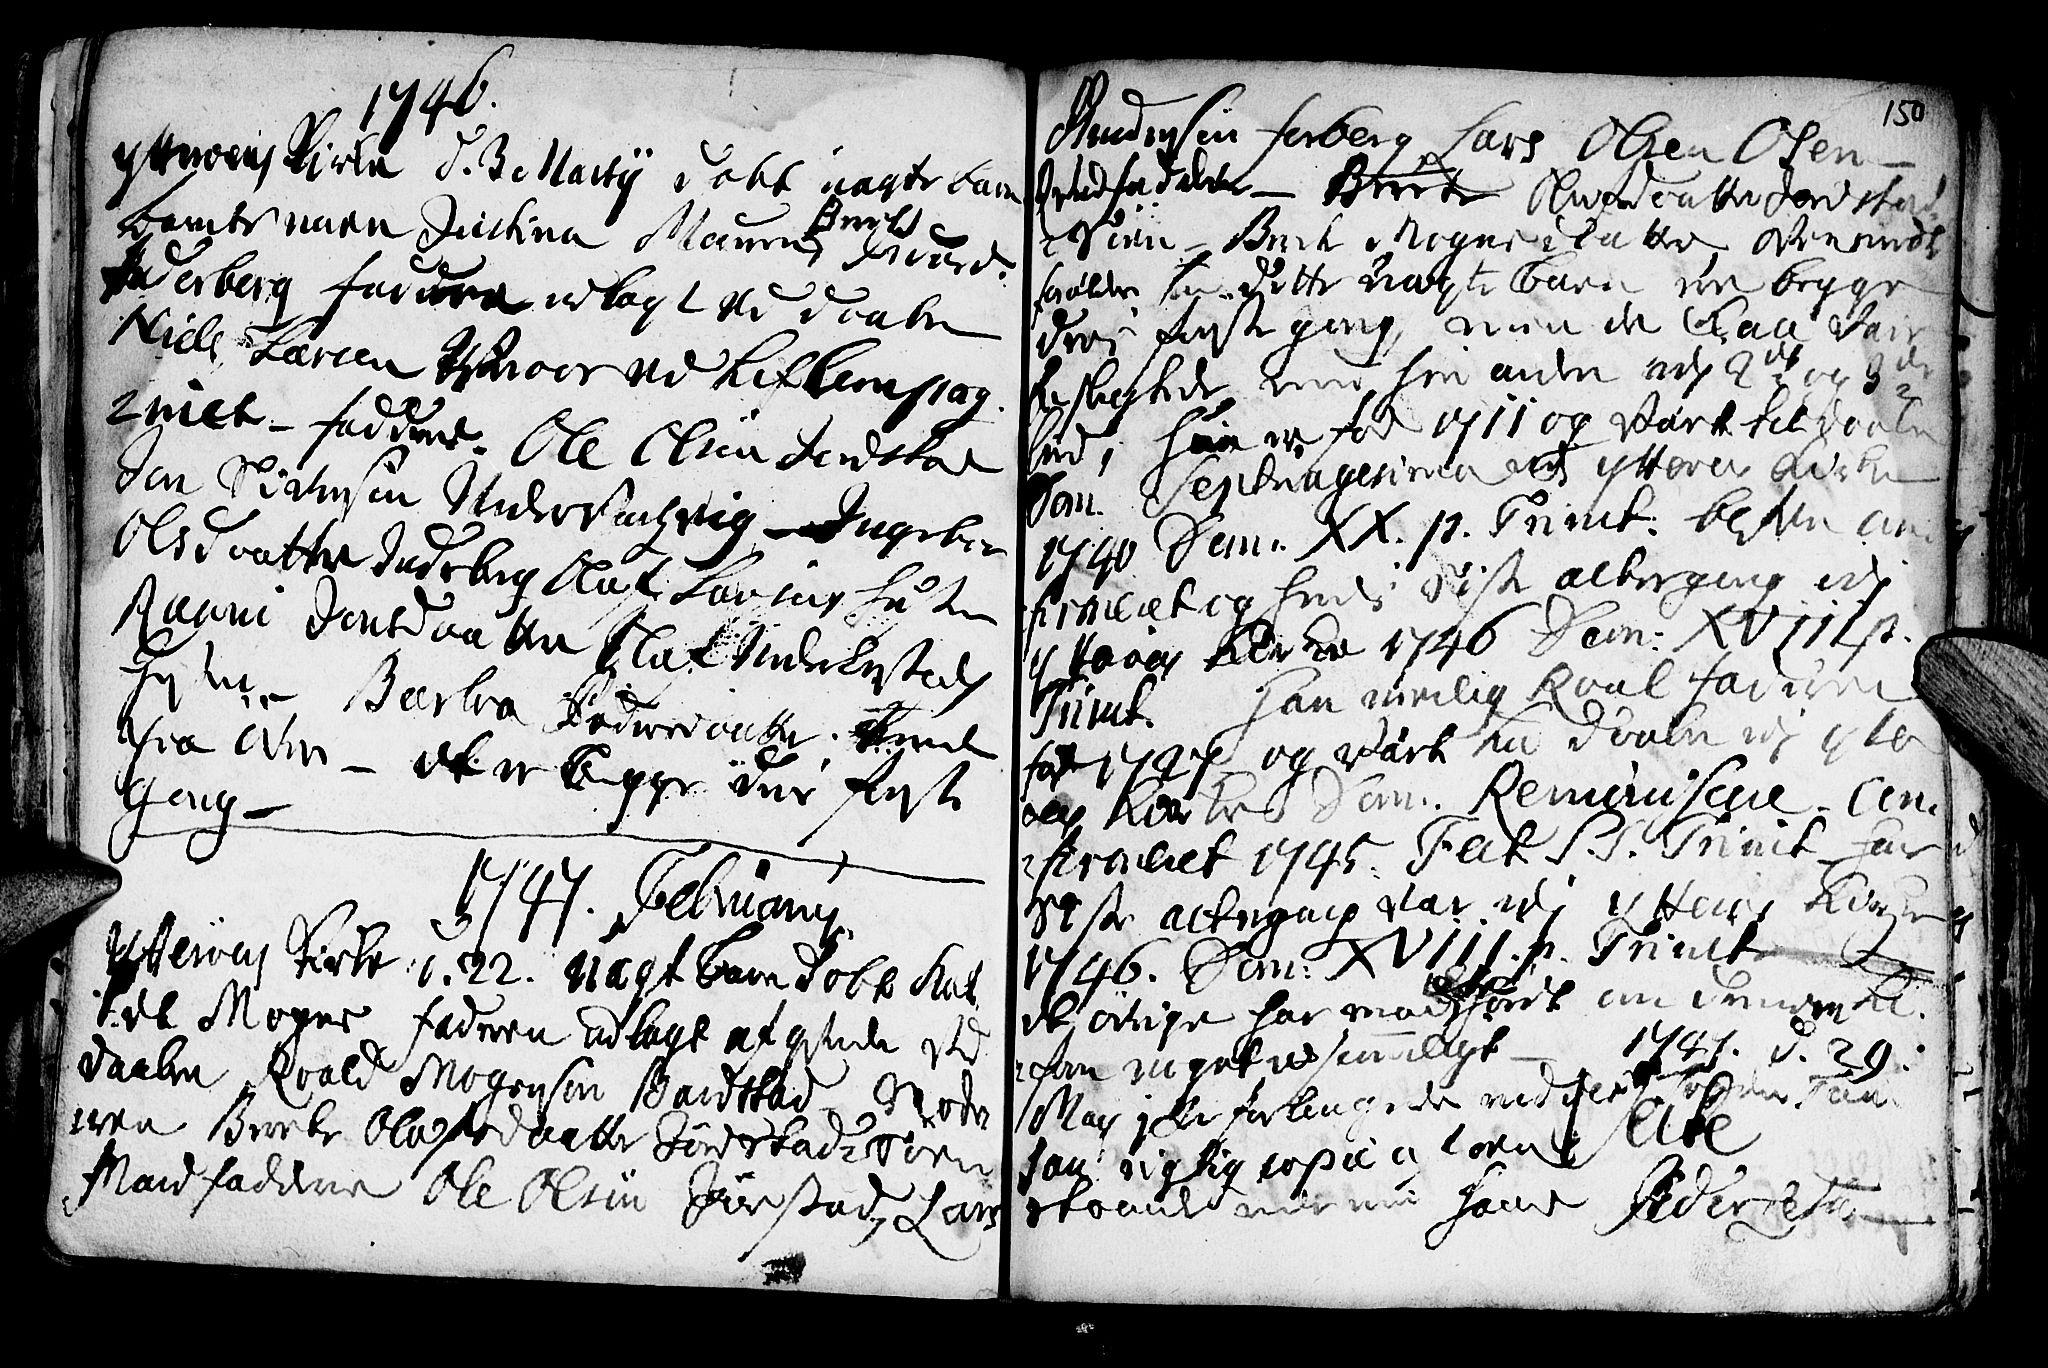 SAT, Ministerialprotokoller, klokkerbøker og fødselsregistre - Nord-Trøndelag, 722/L0215: Ministerialbok nr. 722A02, 1718-1755, s. 150